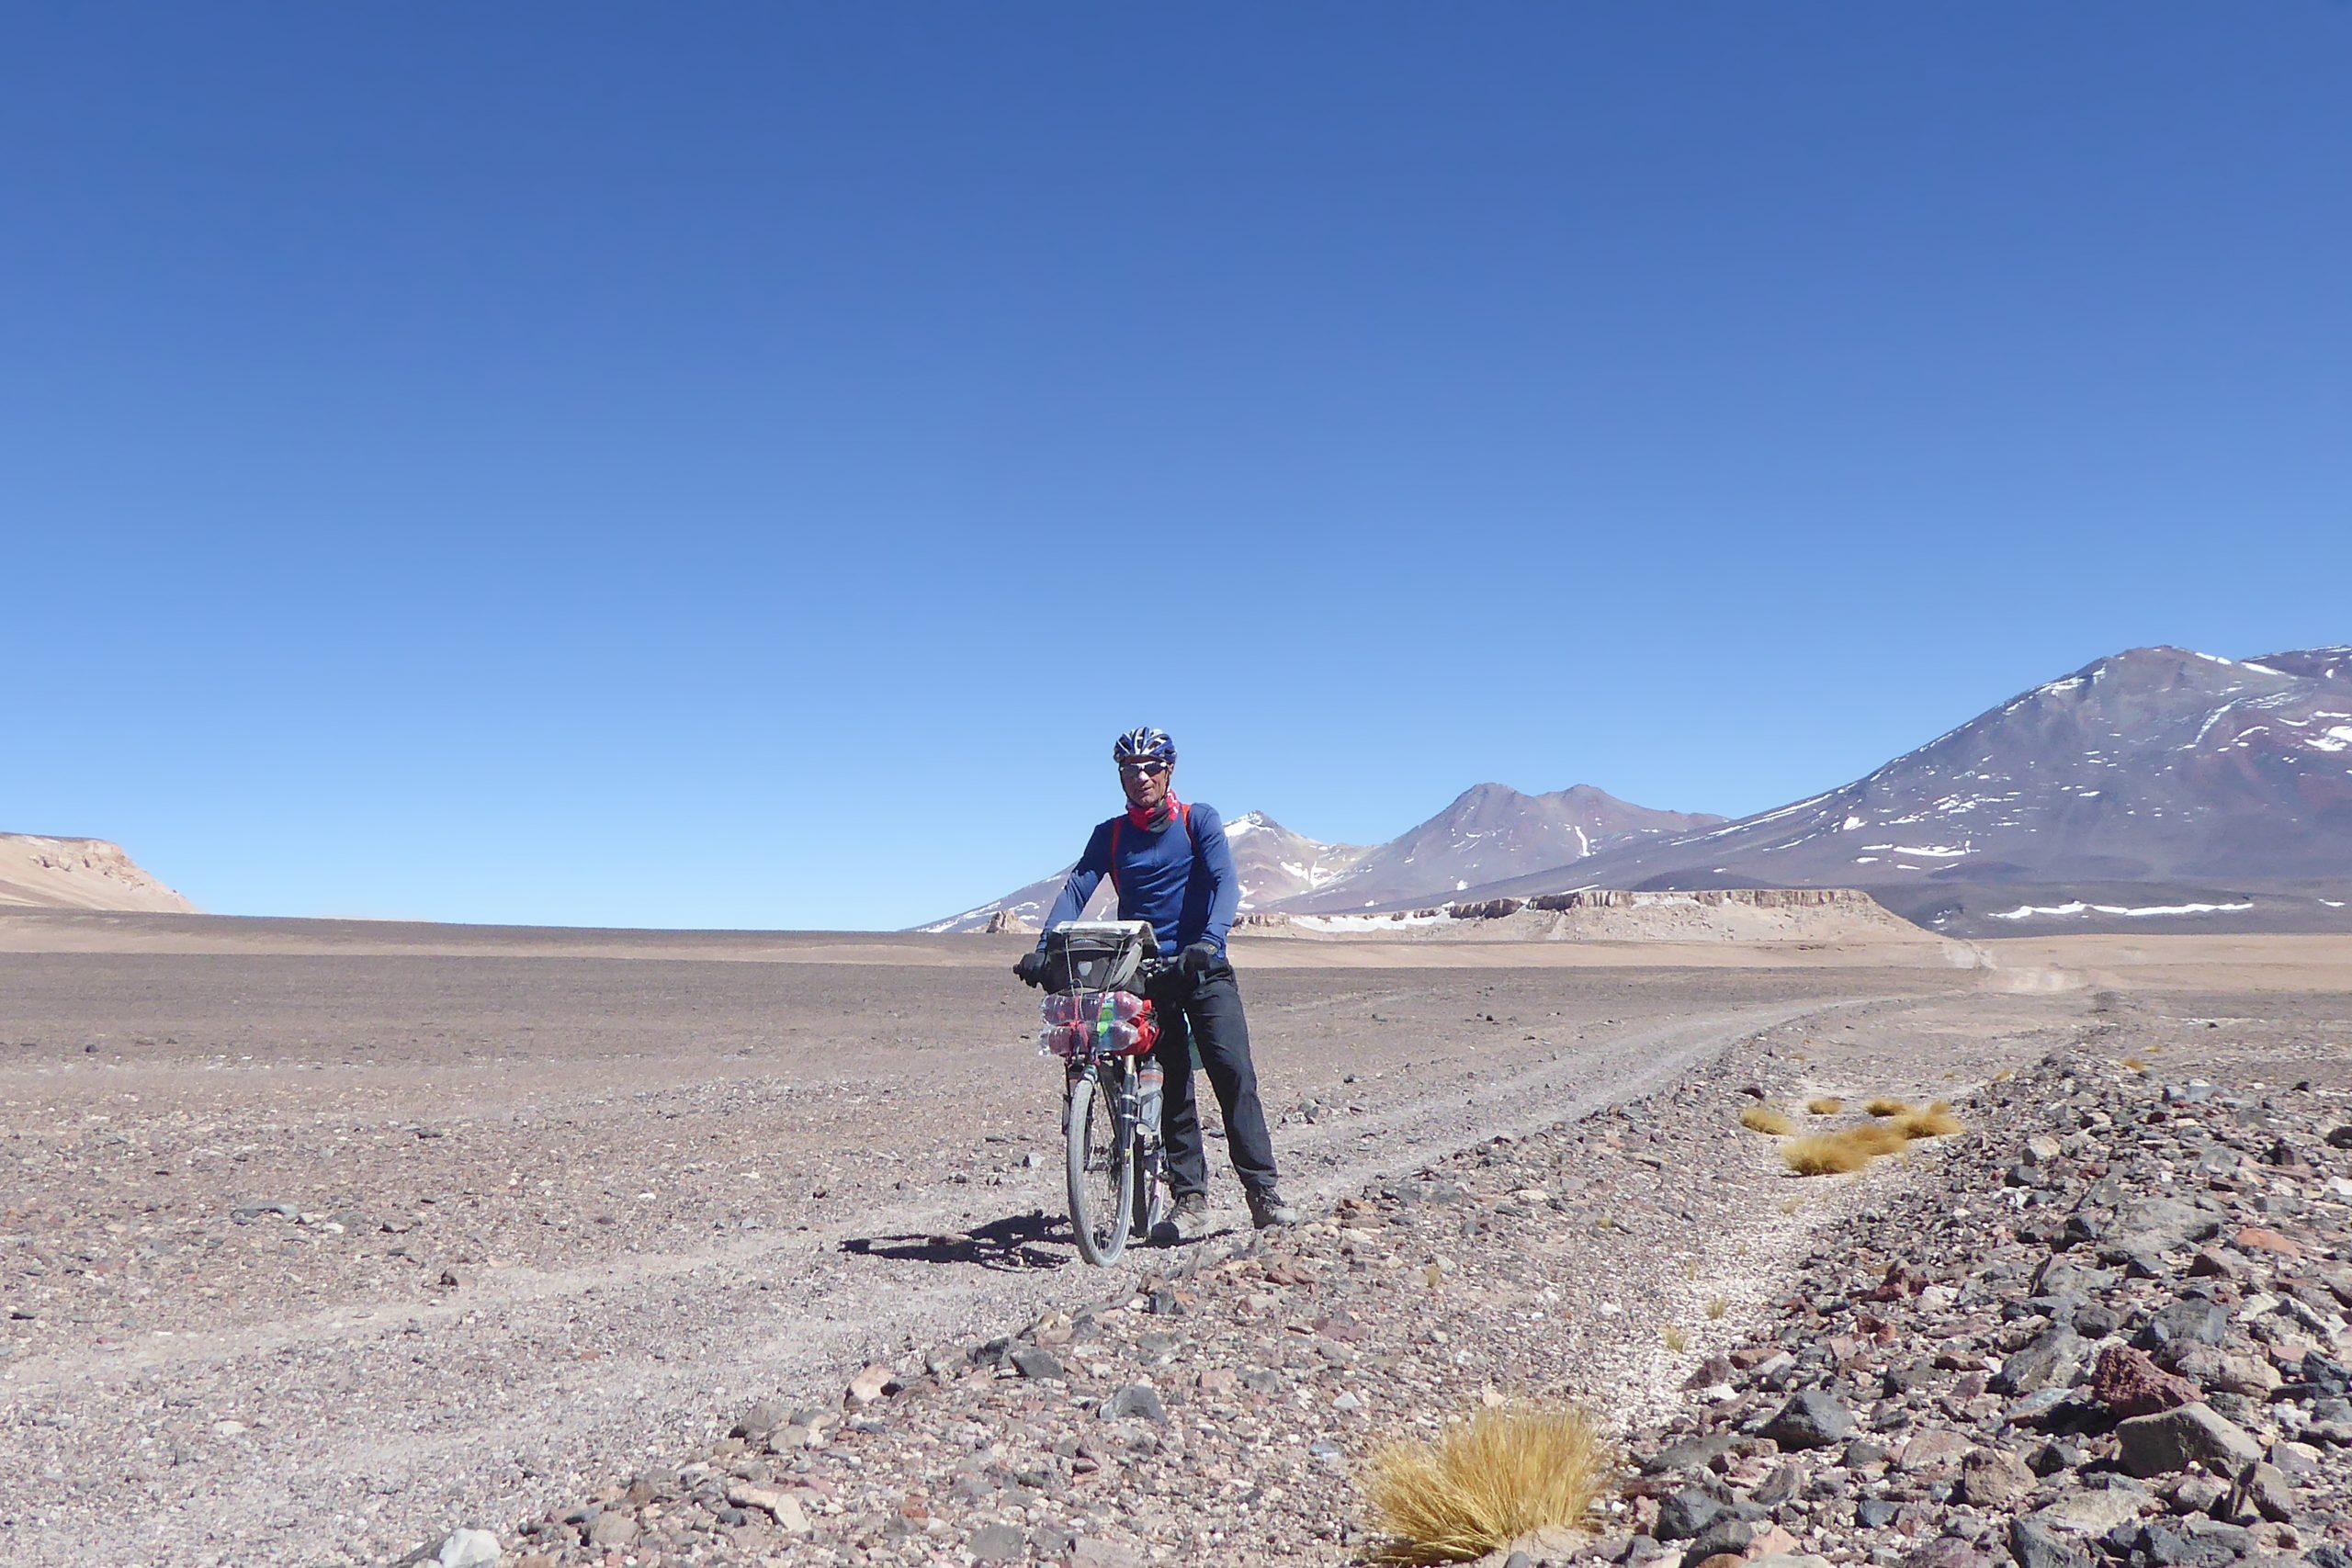 Radreise Südamerika 2019 - Auf dem Weg zum Ojos de Salado (6.893m)